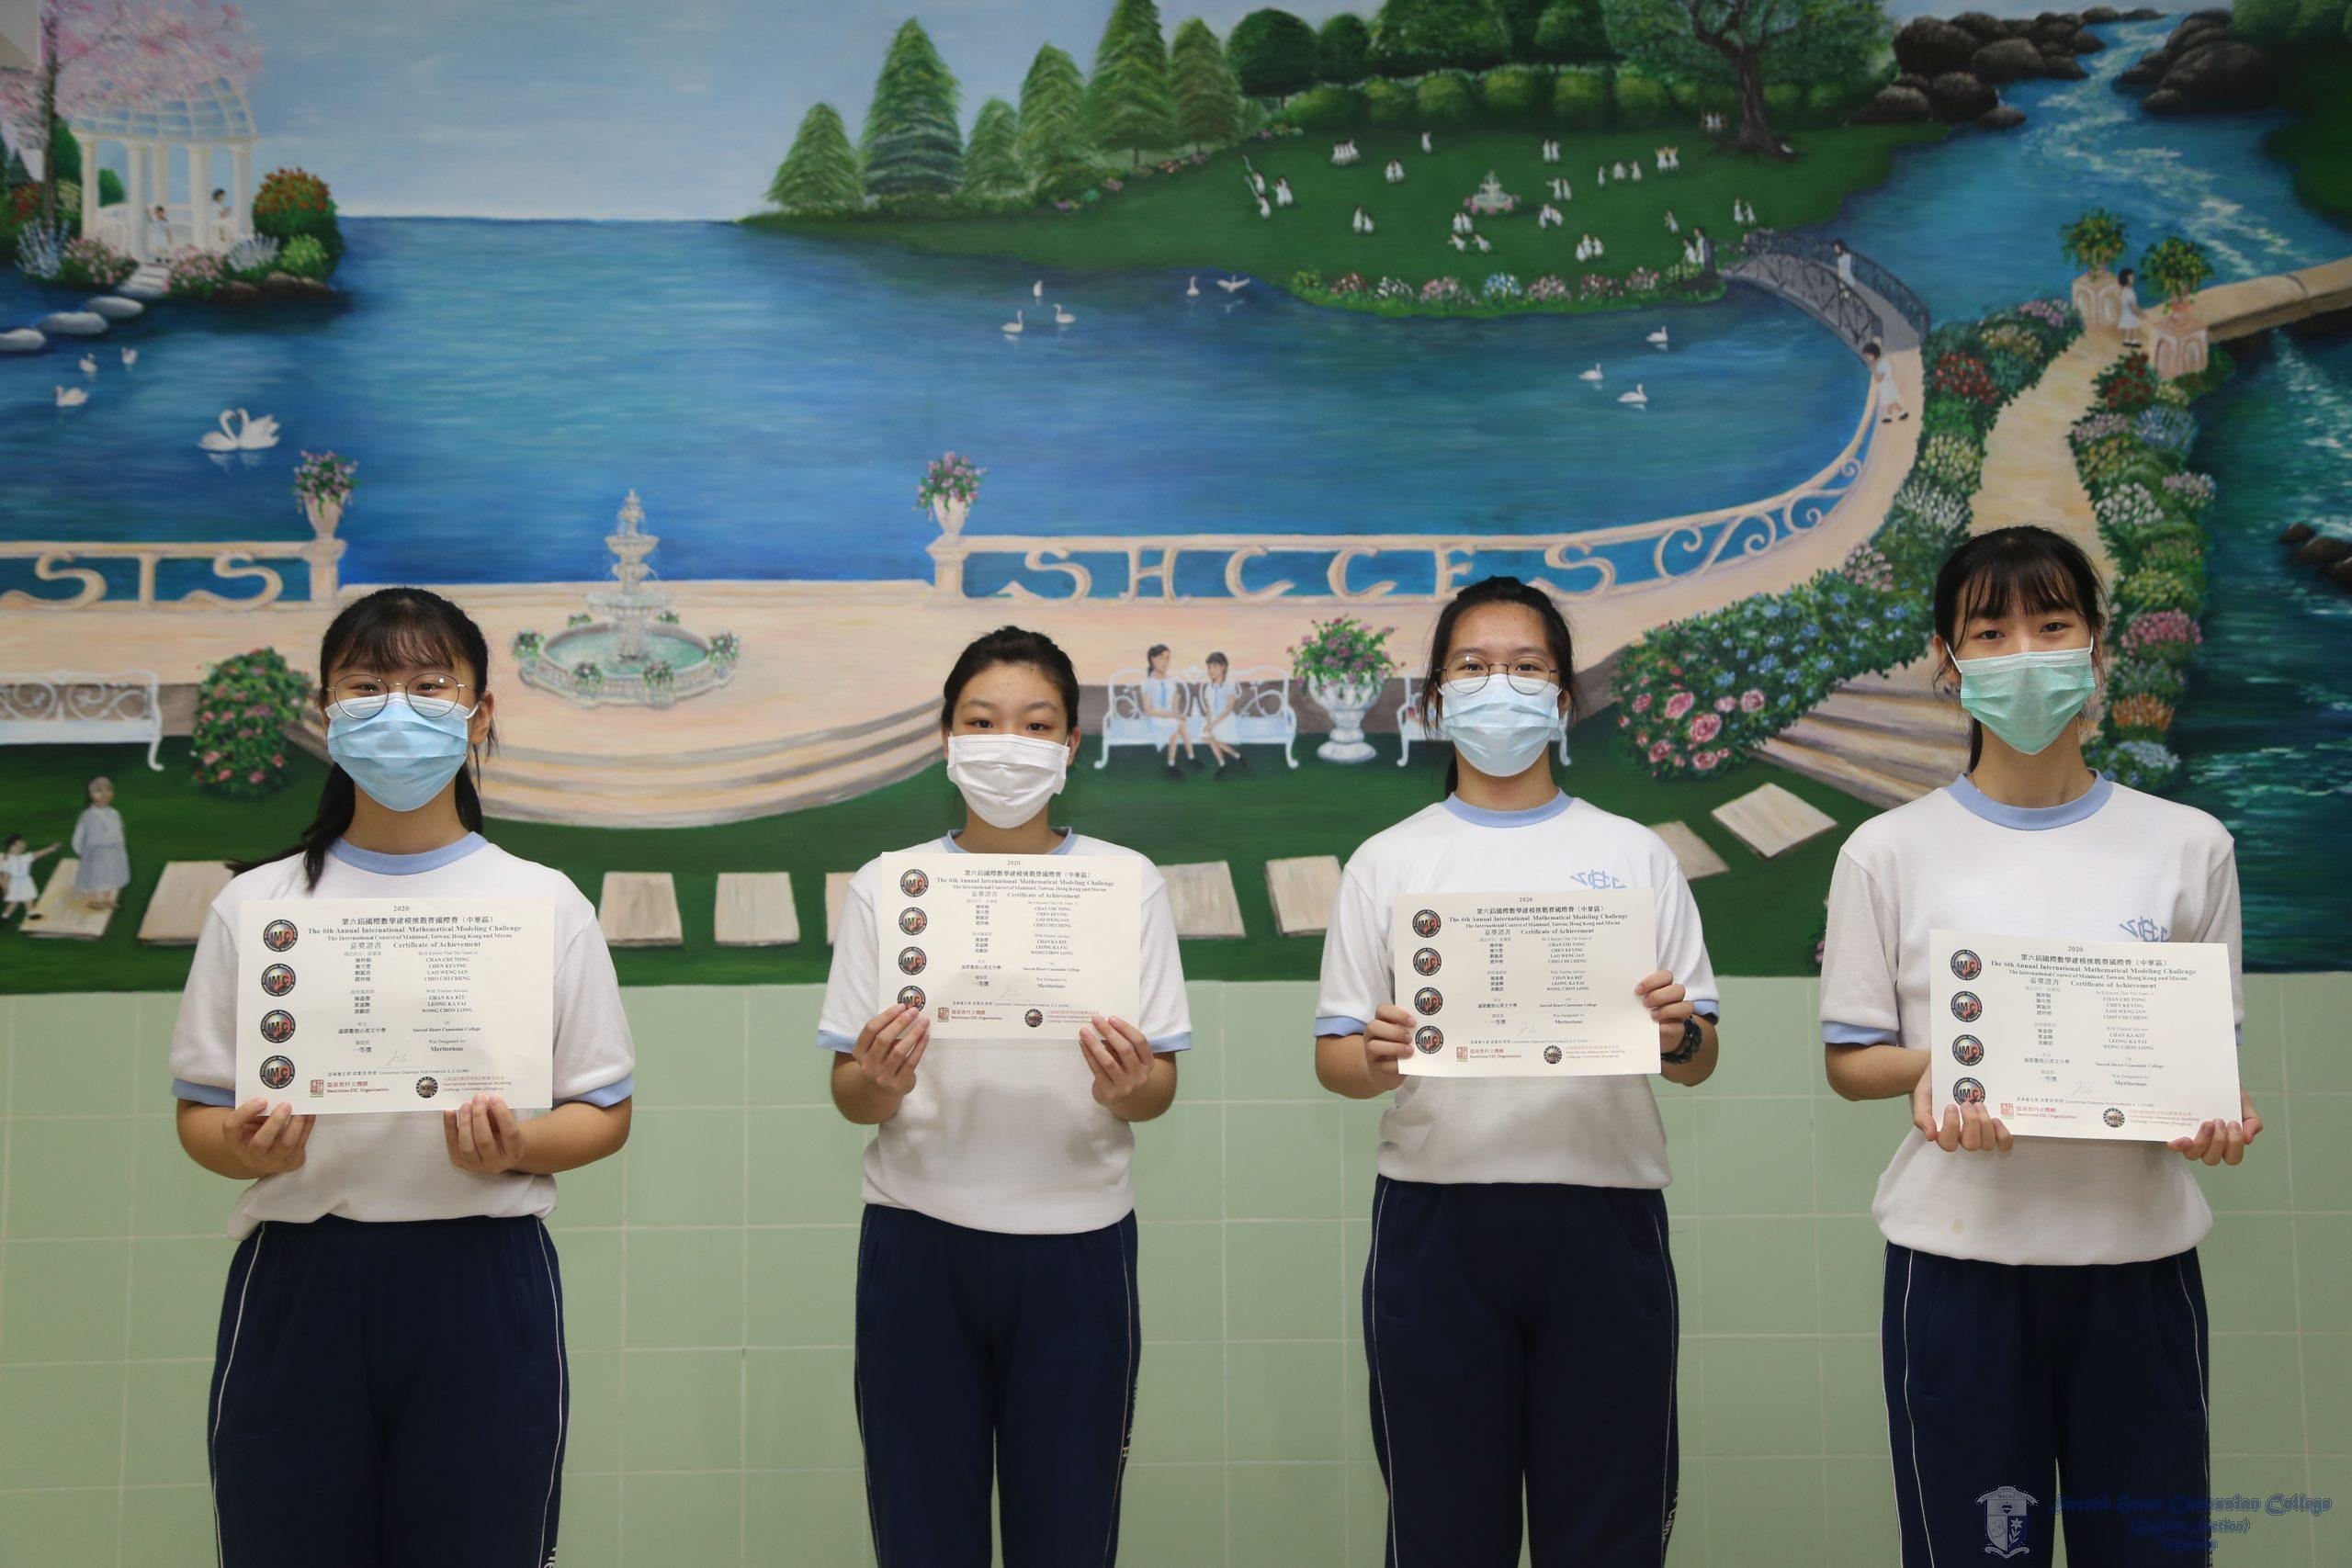 其他獲獎隊伍合照 Crystal Chan (Form 4A), Carol Chen (Form 4A), Diana Lao (Form 4A), Phoebe Chio (Form 4A)